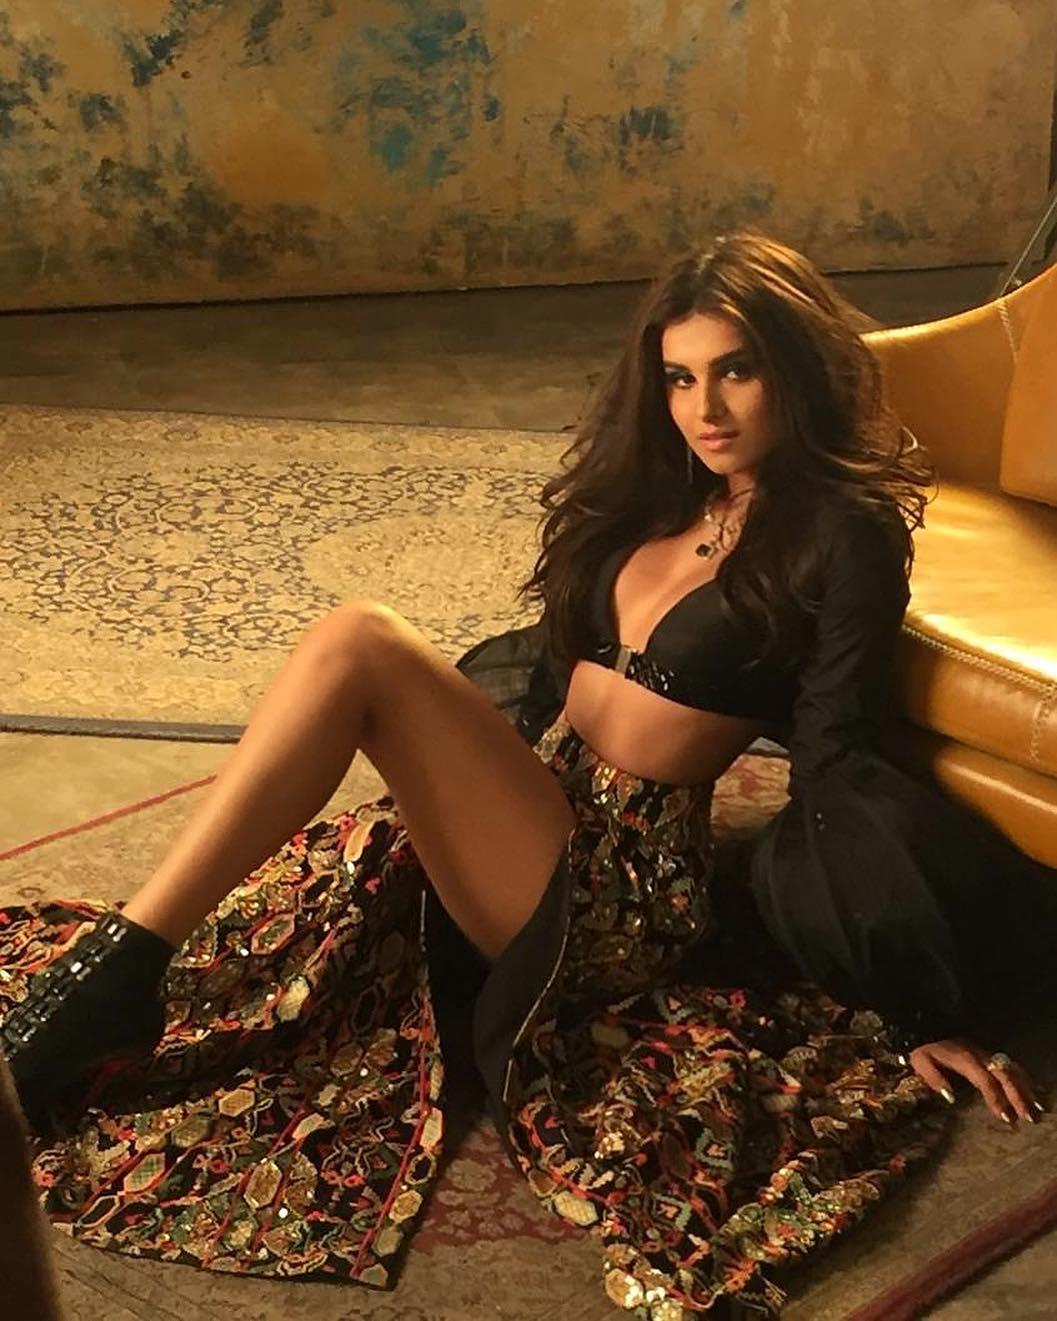 Bollywood Tadka,तारा सुतारिया इमेज,तारा सुतारिया फोटो, तारा सुतारिया पिक्चर